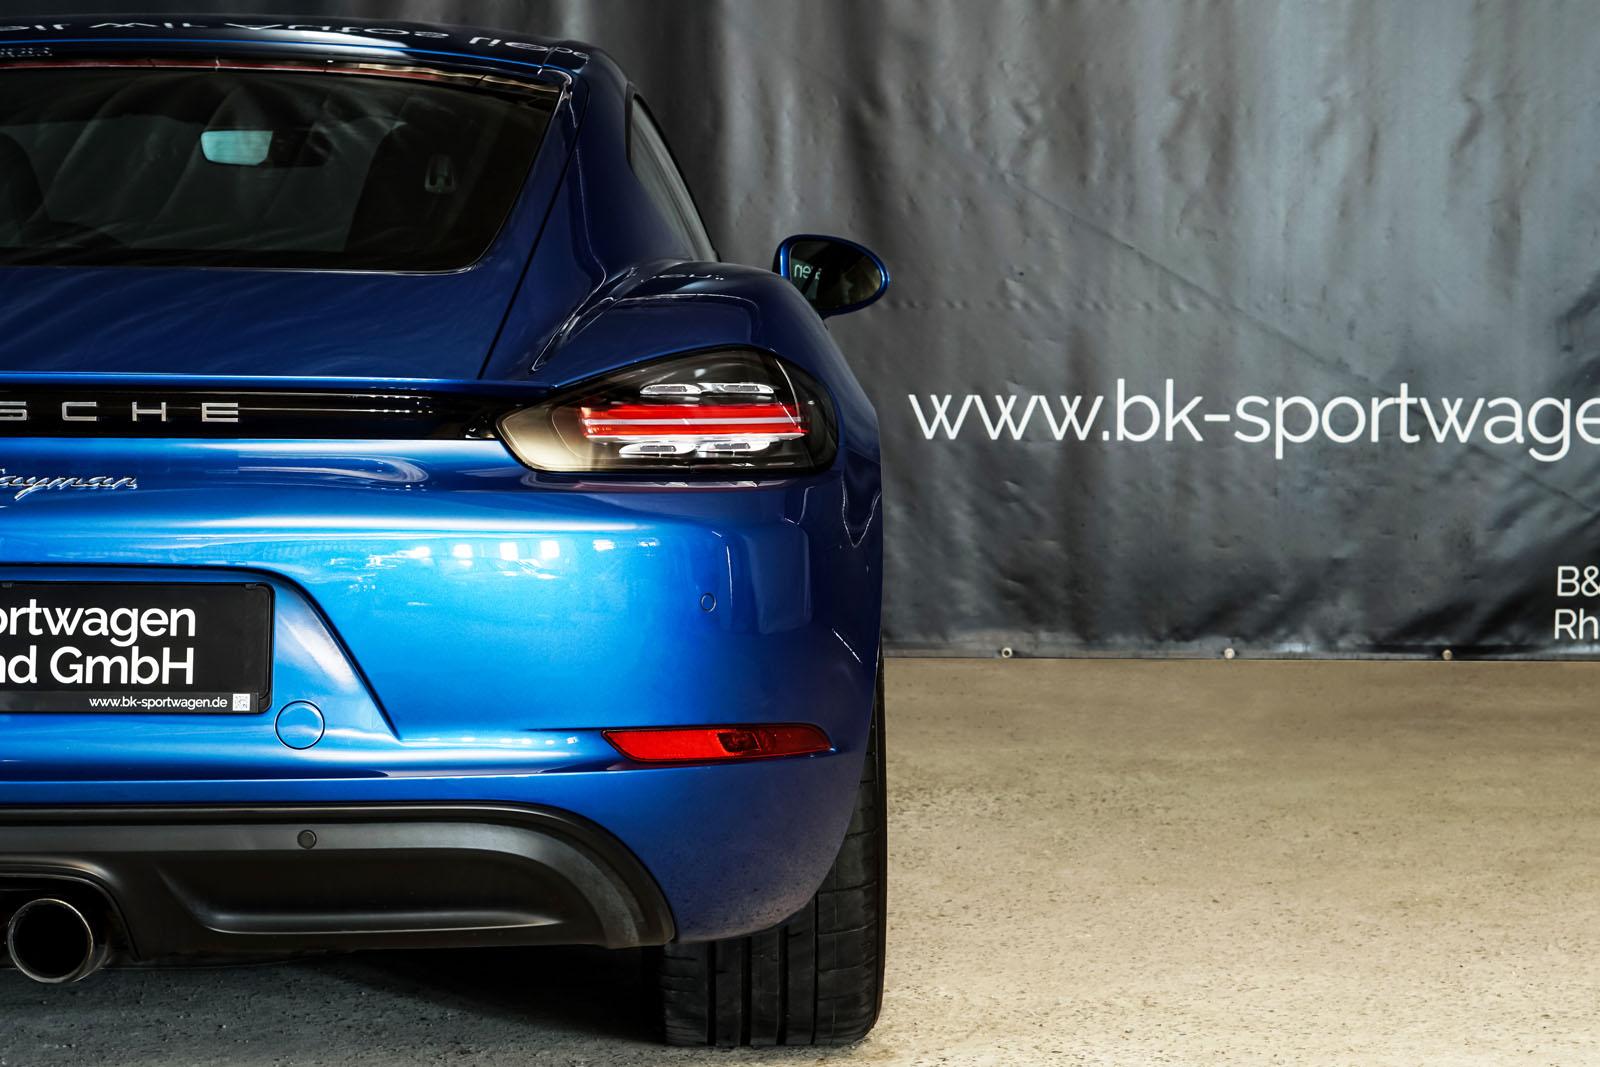 Porsche_Cayman_Blau_Schwarz_POR-0613_20_w